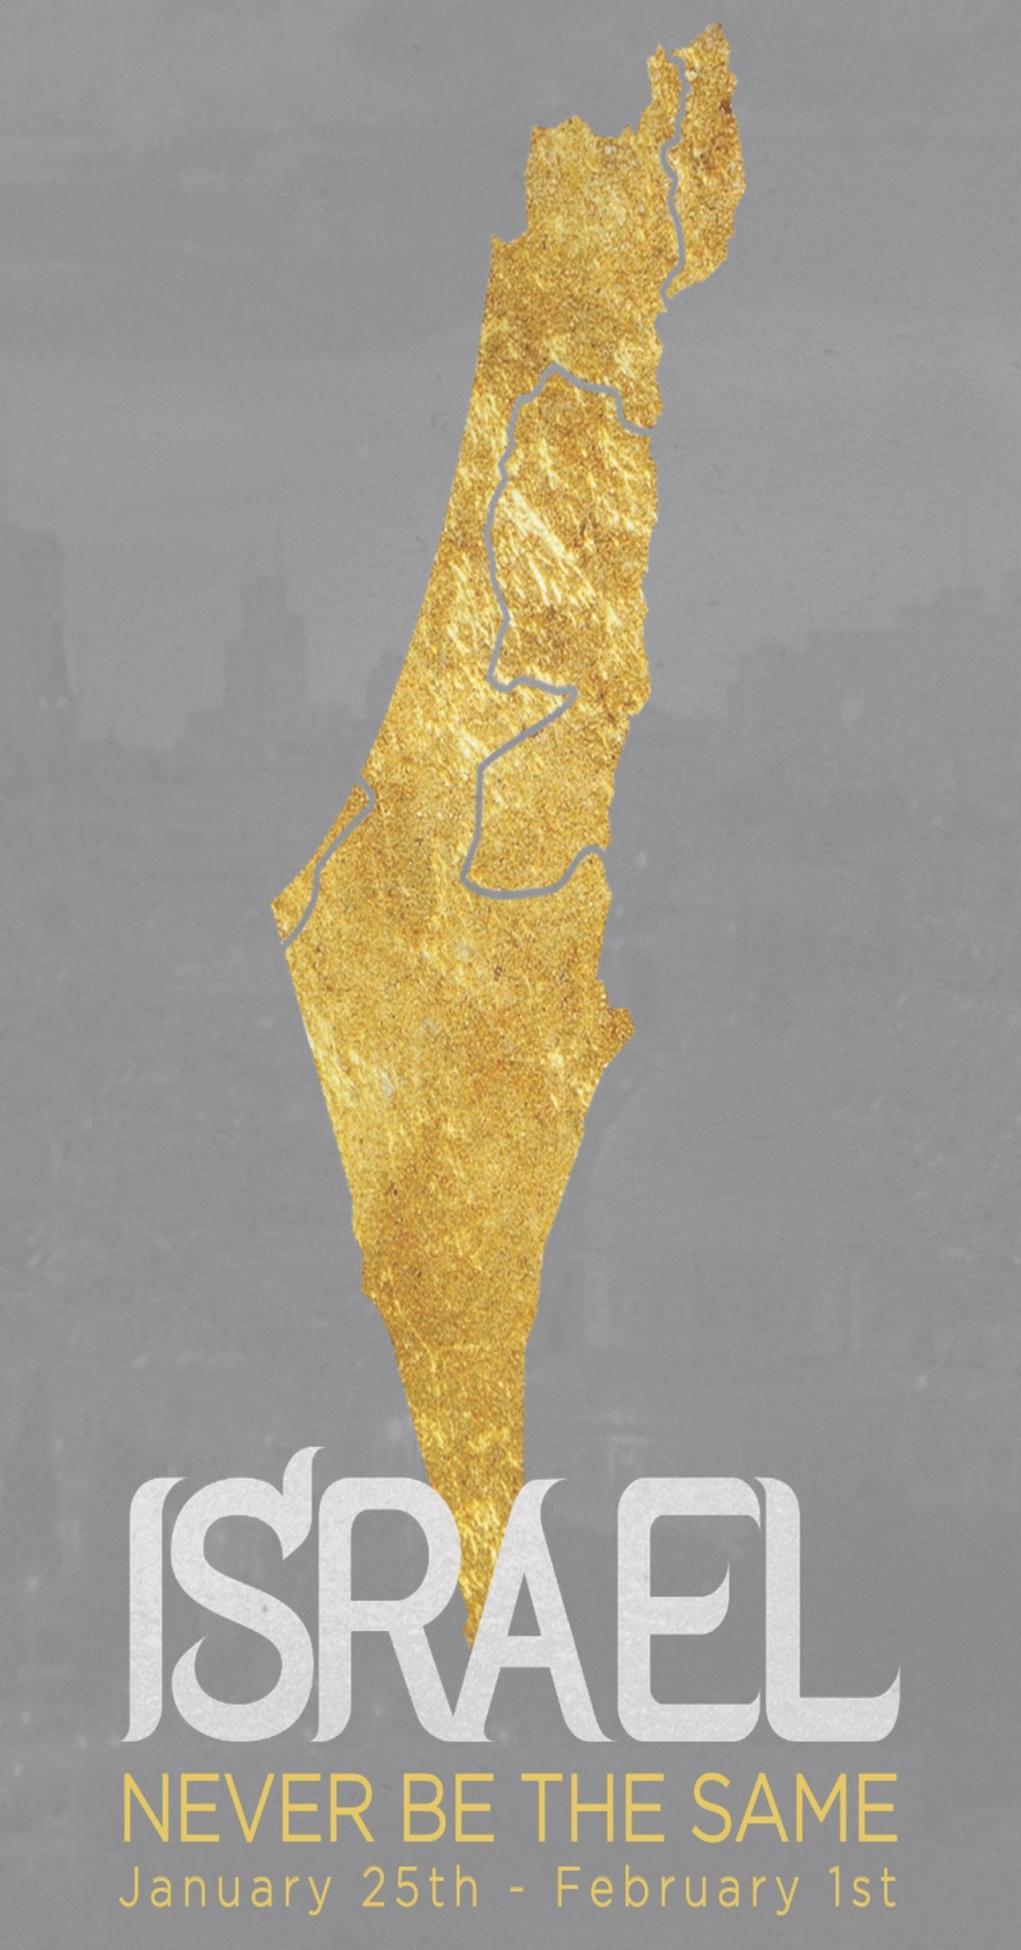 Israel2020.jpg